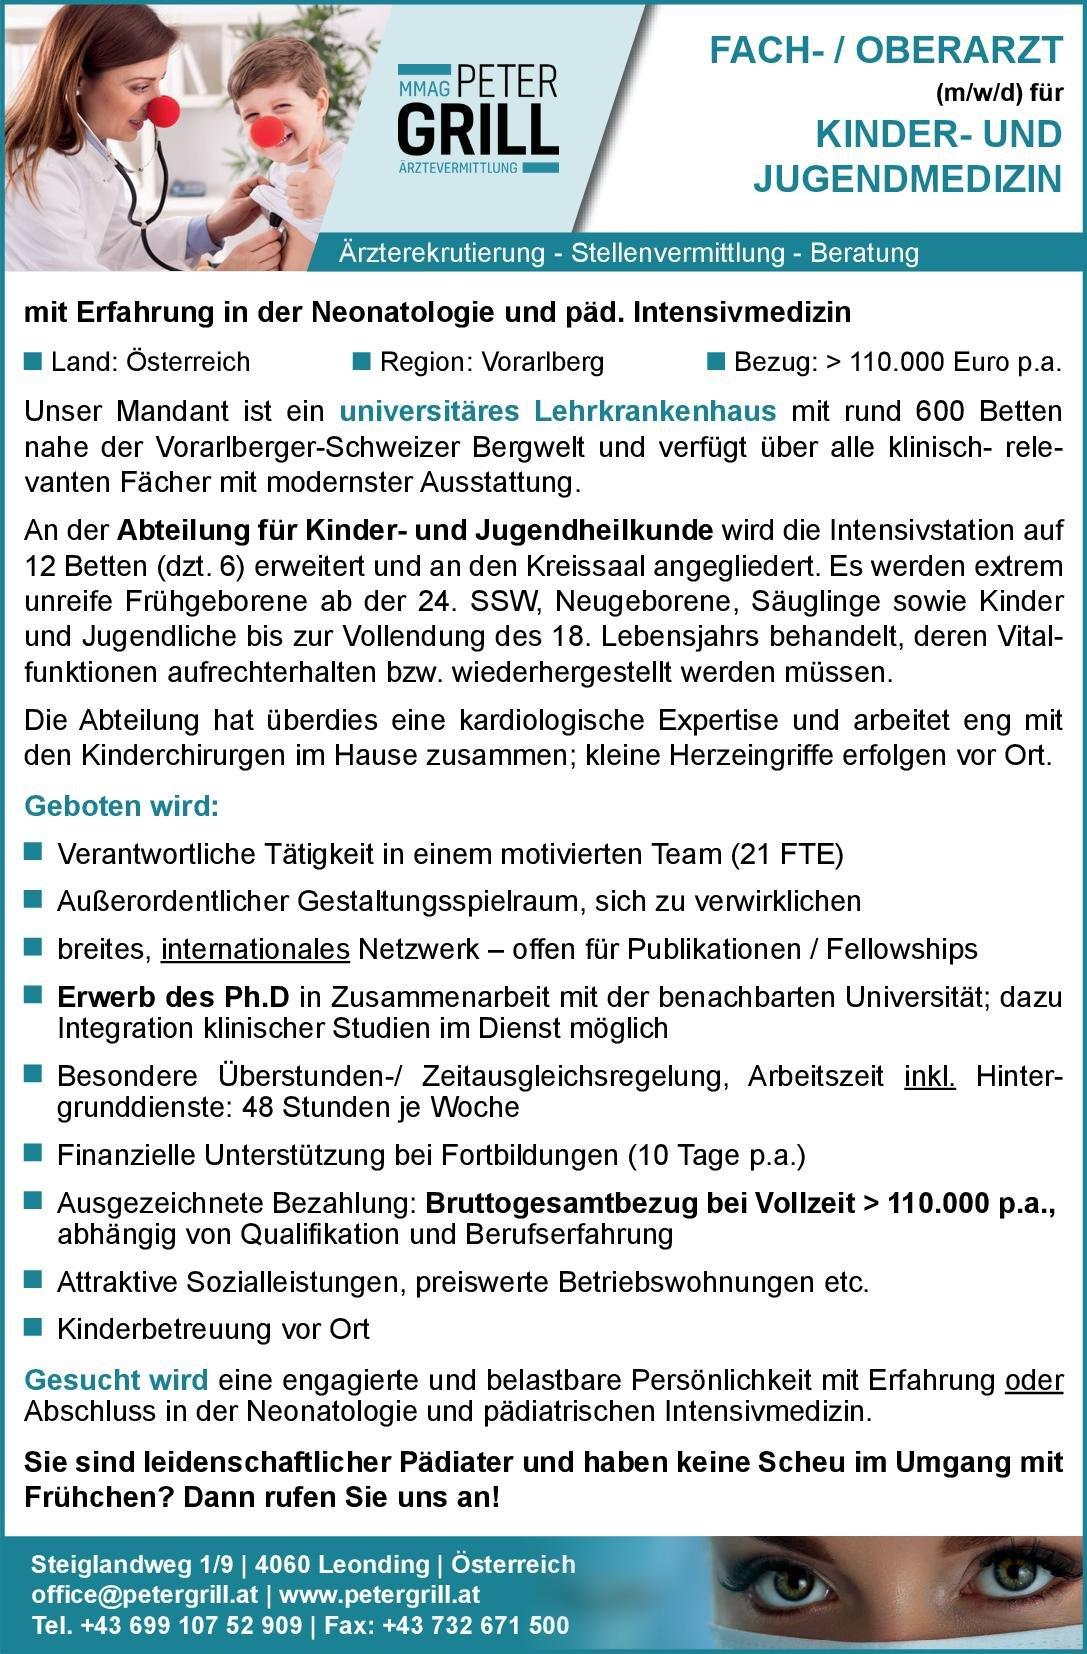 Peter Grill Ärztevermittlung Fach-/Oberarzt (m/w/d) für Kinder- und Jugendmedizin  Kinder- und Jugendmedizin, Kinder- und Jugendmedizin Oberarzt